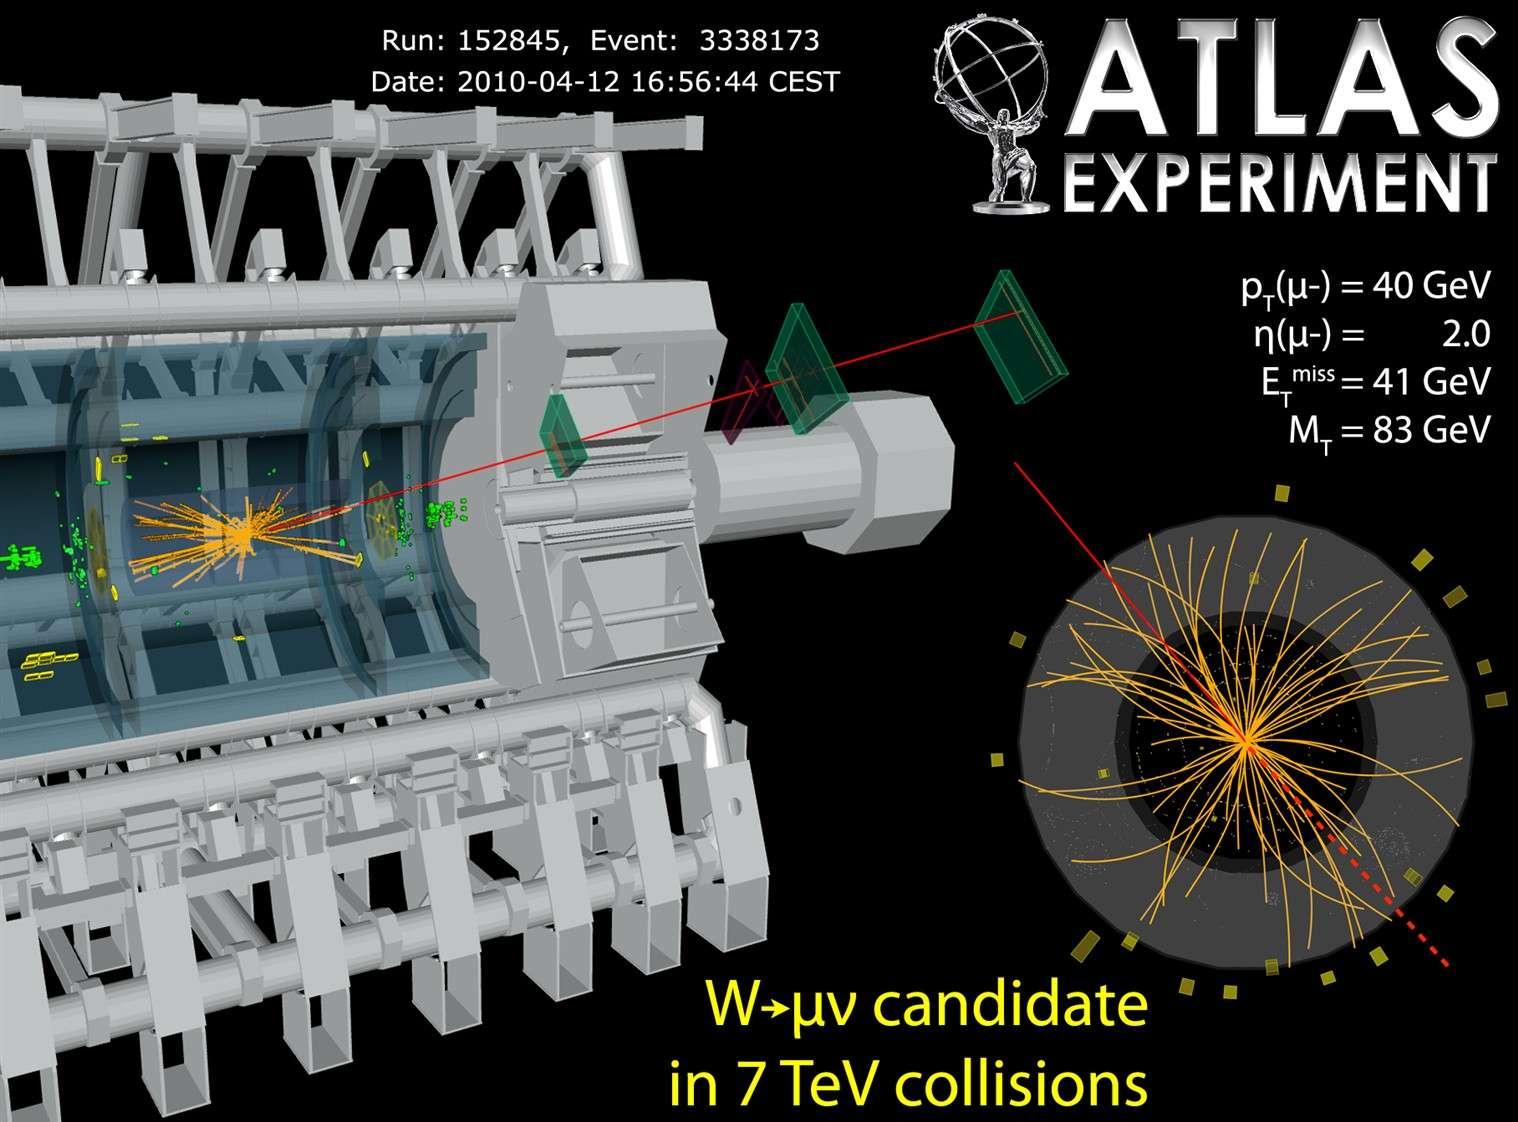 Un événement candidat, à une énergie de collision totale de 7 TeV, d'un boson W se désintégrant dans Atlas pour produire une paire électron-positon (trace rouge). Crédit : Collaboration Atlas-Cern